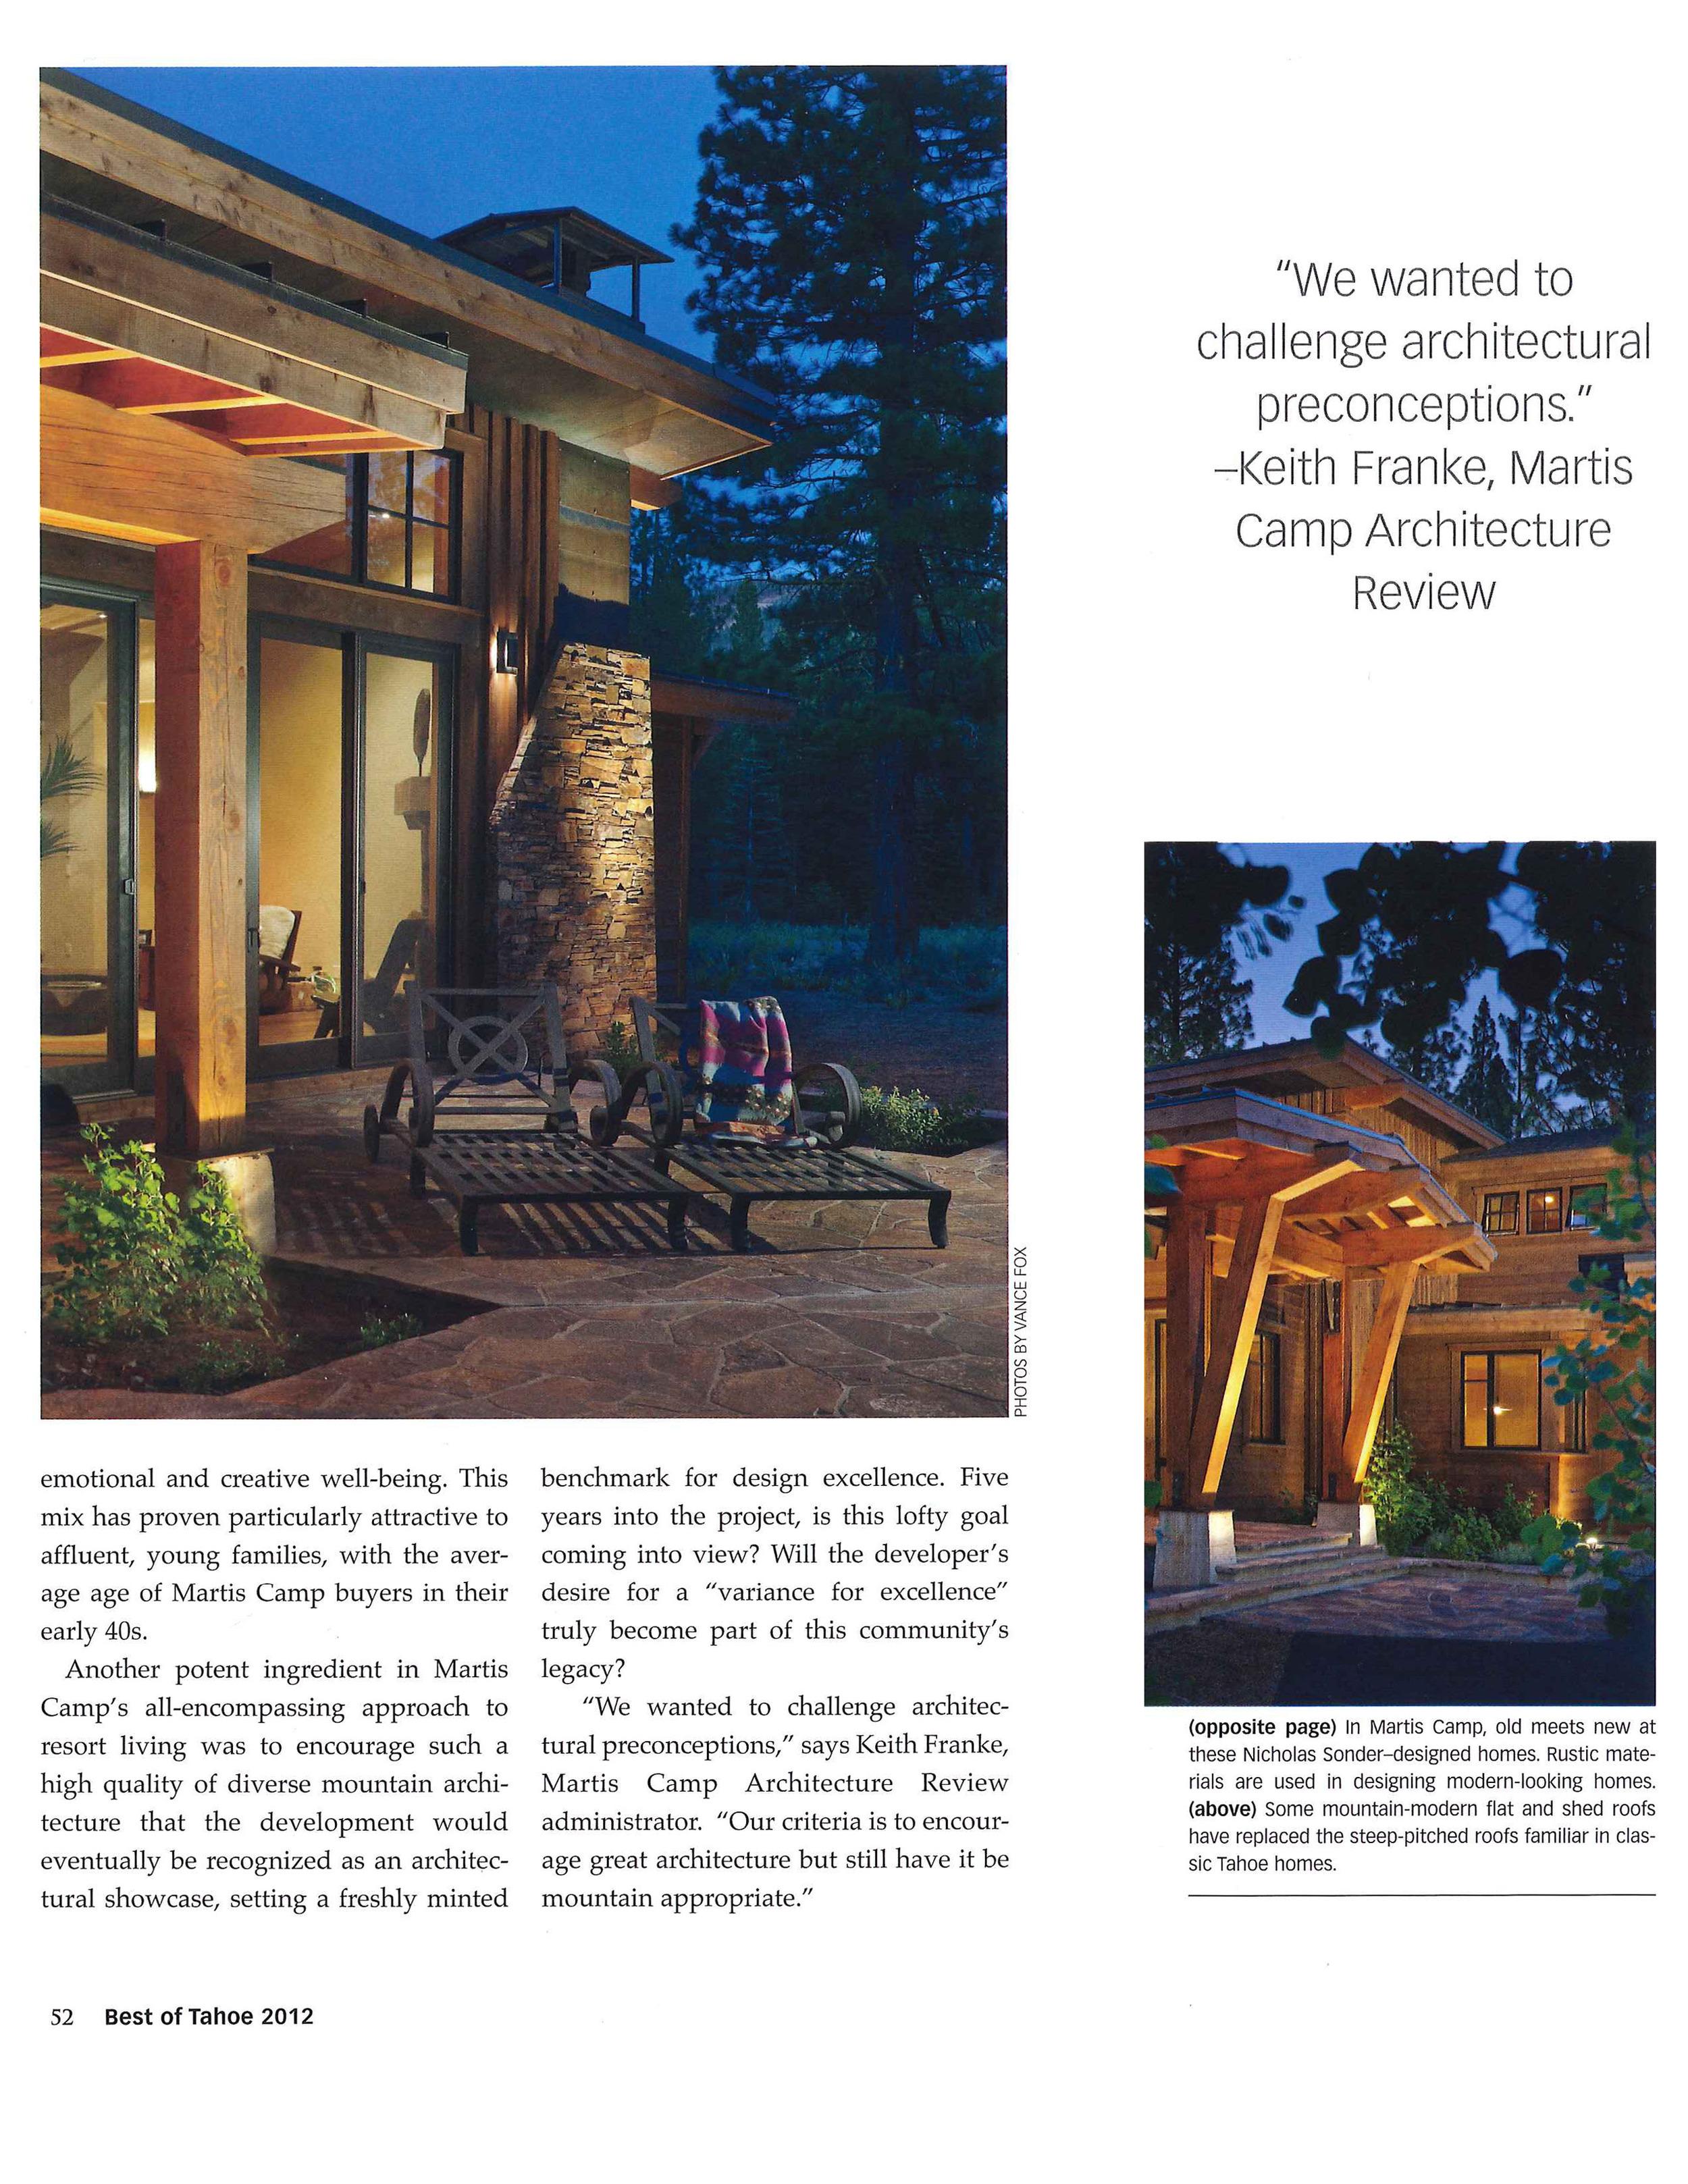 2012 Best of Tahoe2.jpg